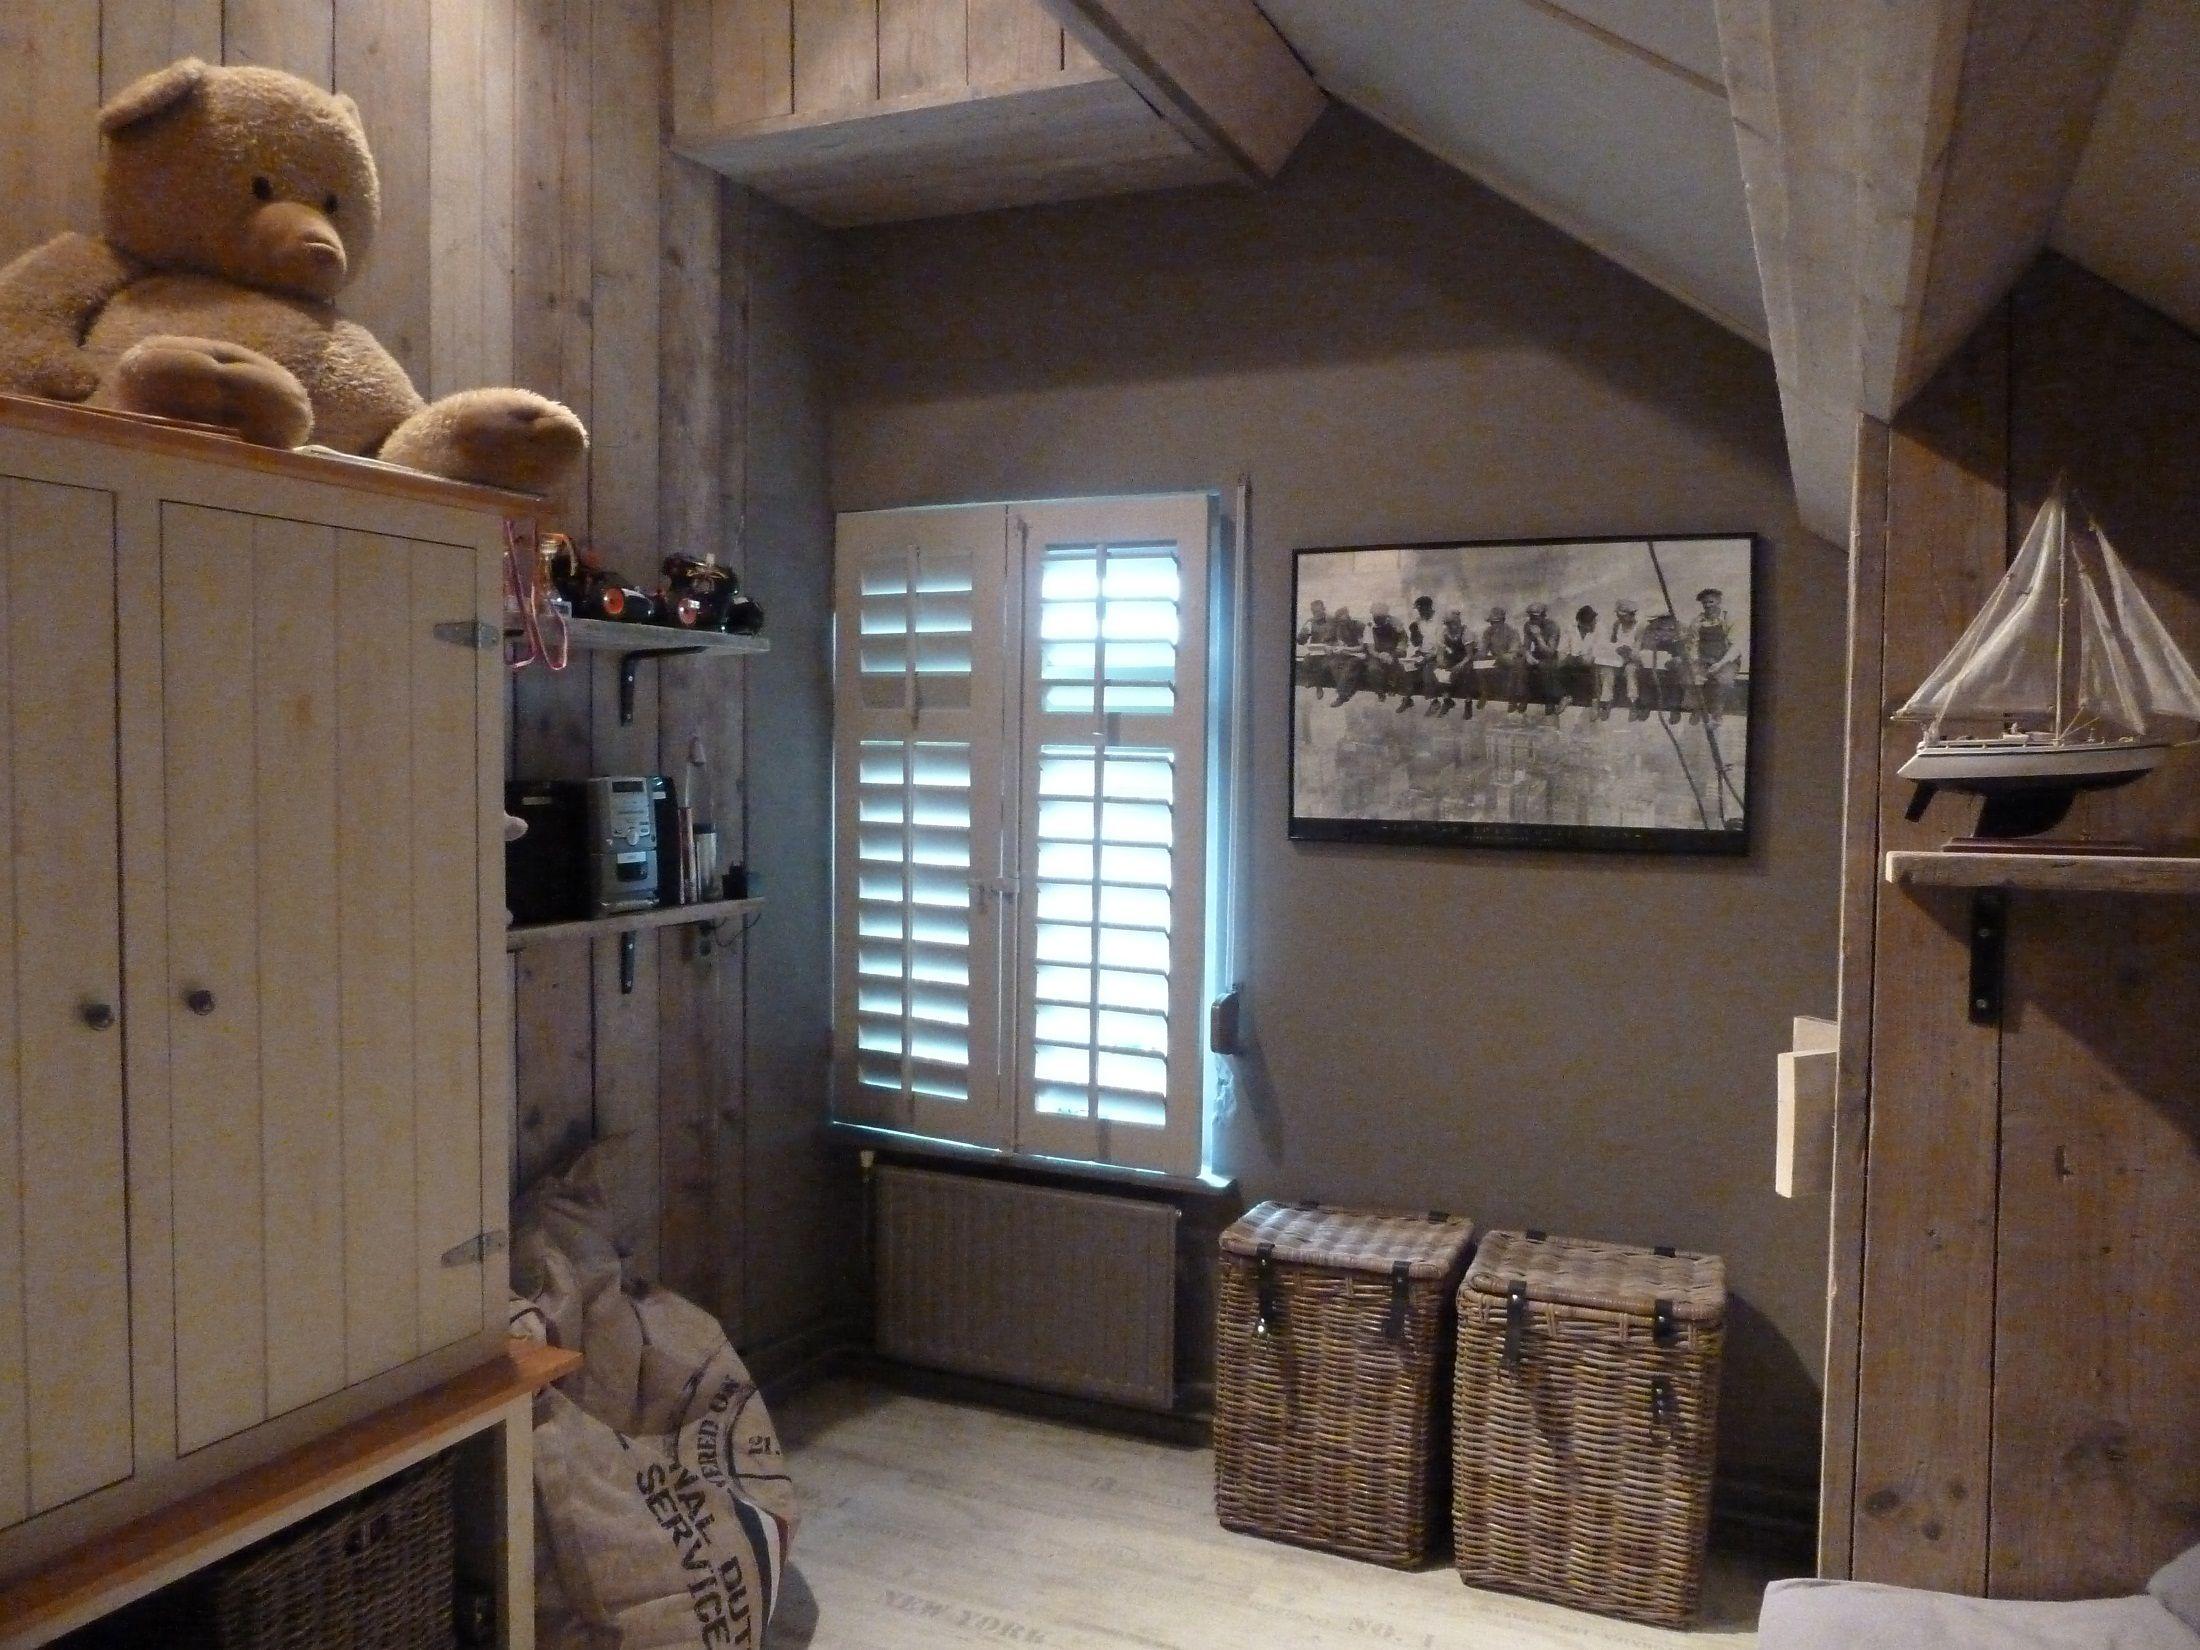 Prachtige met steigerhout gestylde kinder slaapkamer | Inspiratie ...